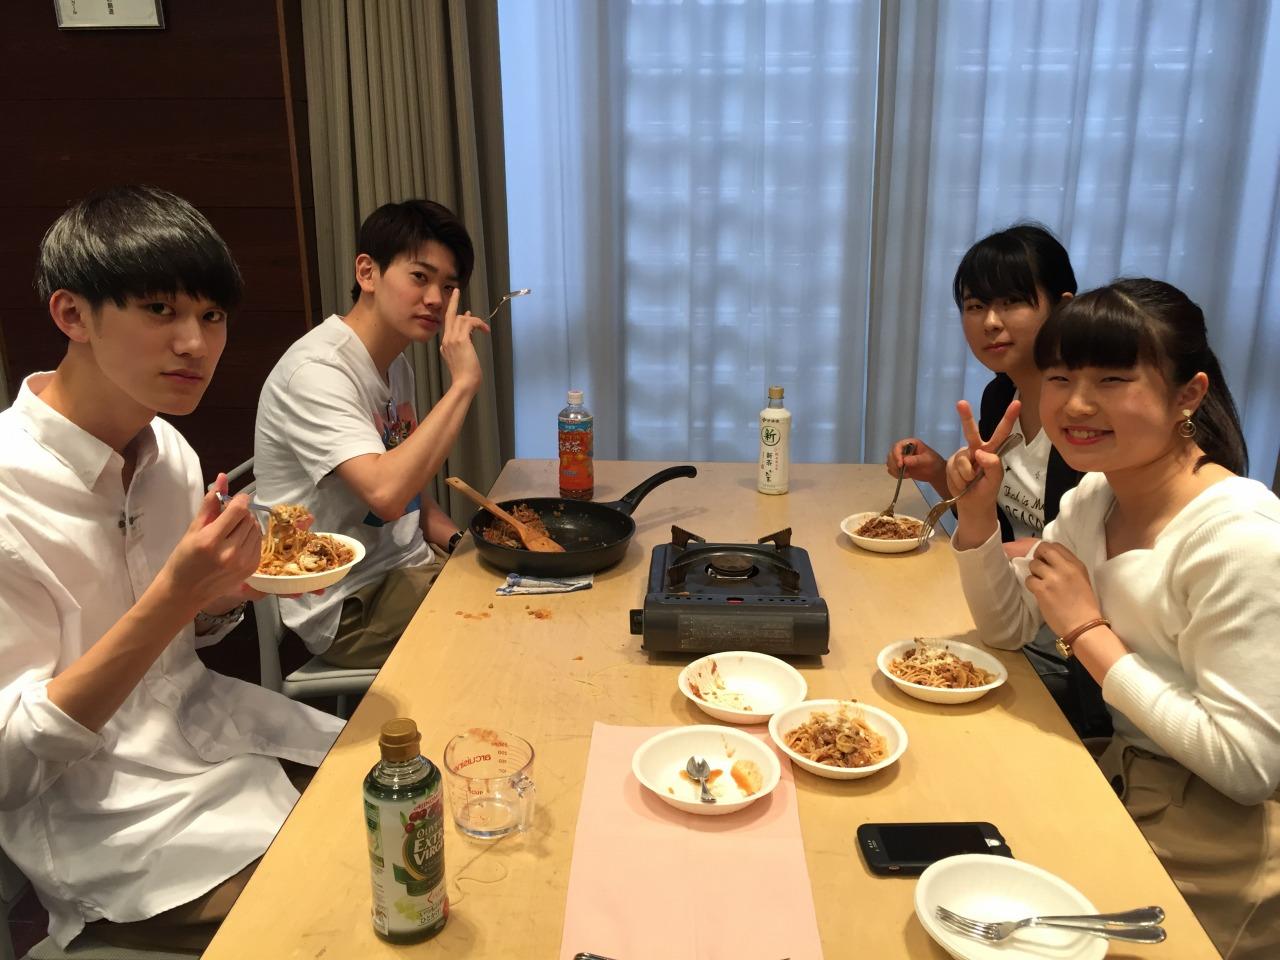 【レストラン研究会】みんなで試食